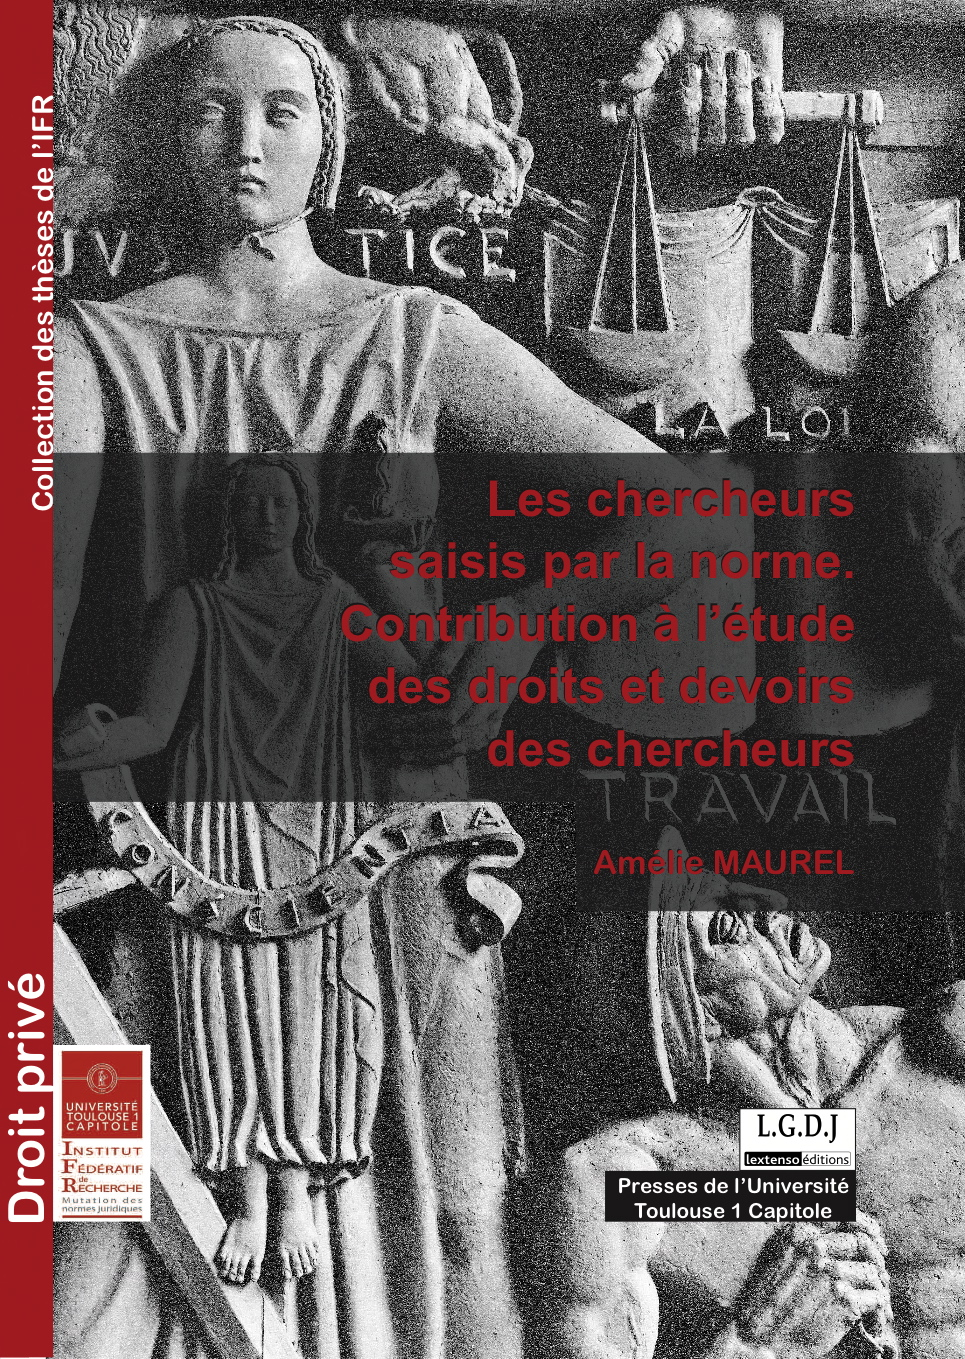 Couverture de la publication